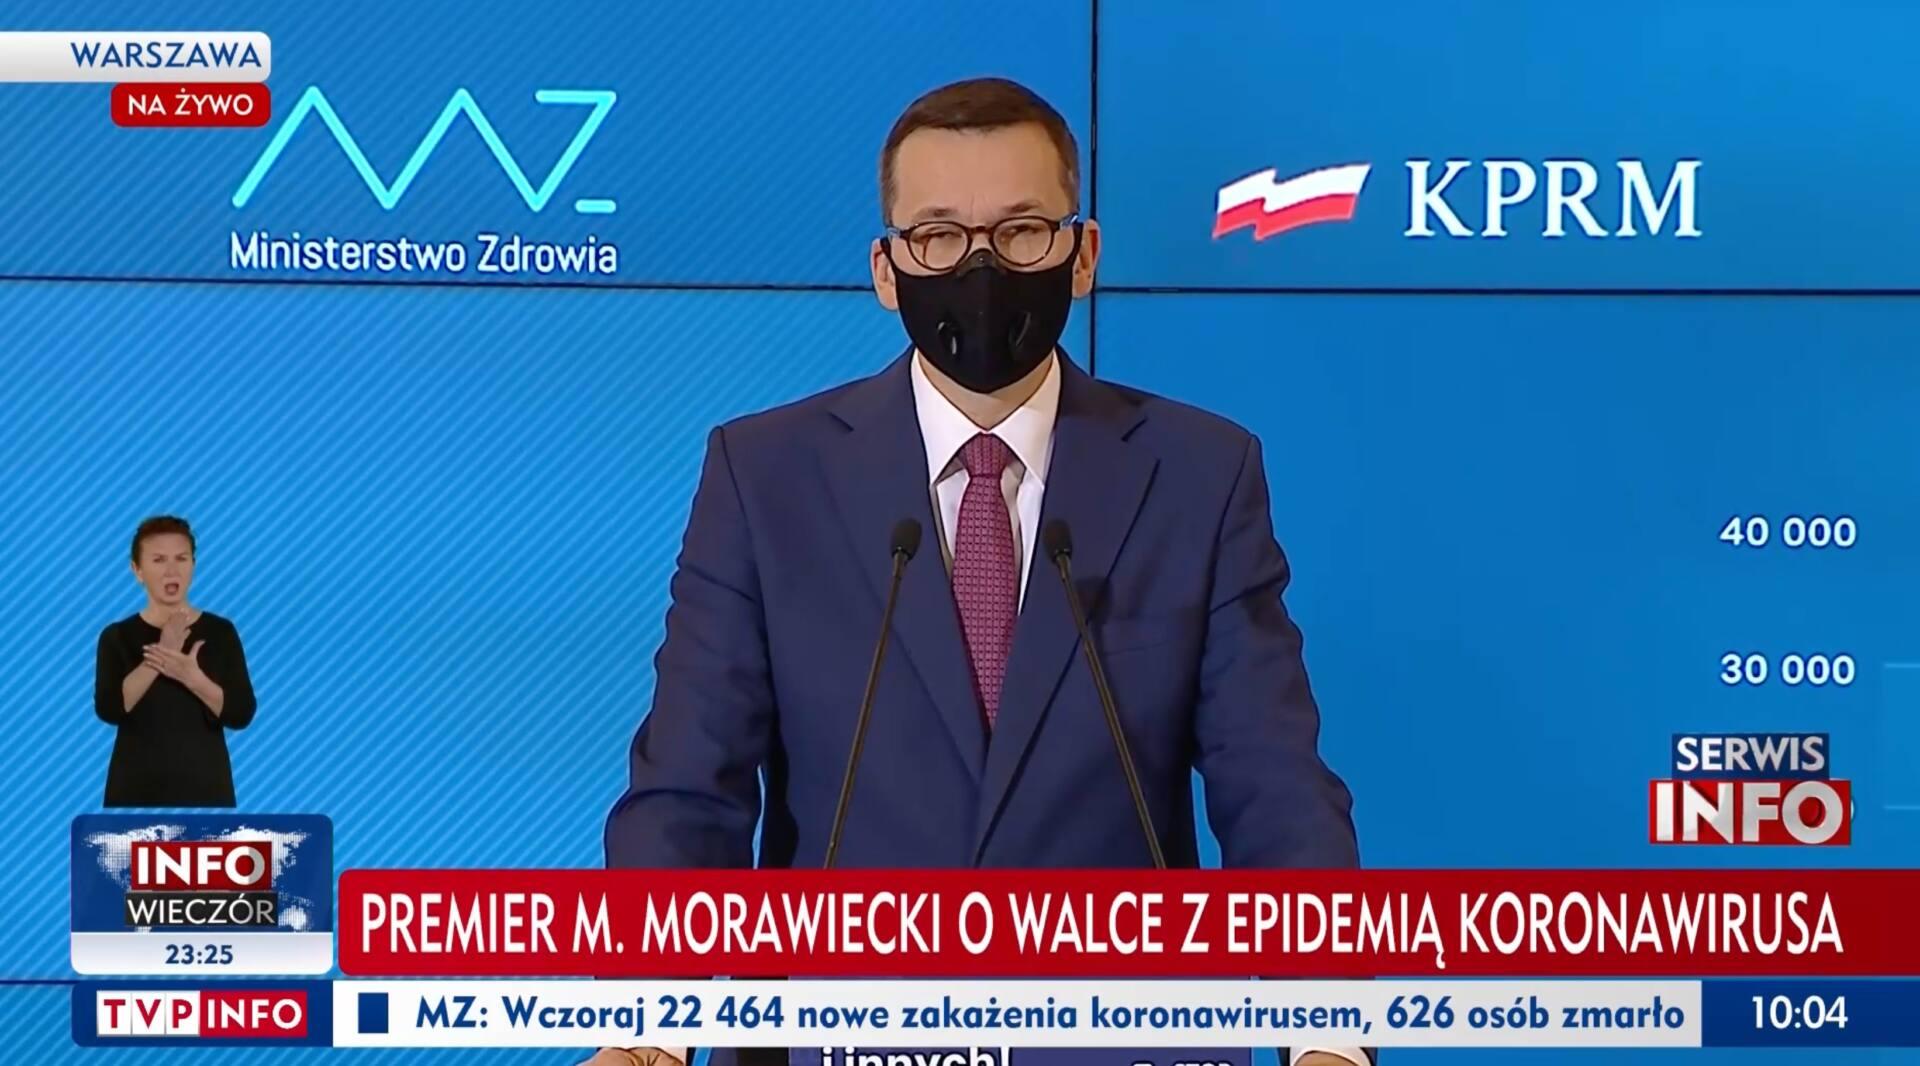 zrzut ekranu 2020 11 21 o 10 05 13 Morawiecki: Otwarcie placówek handlowych